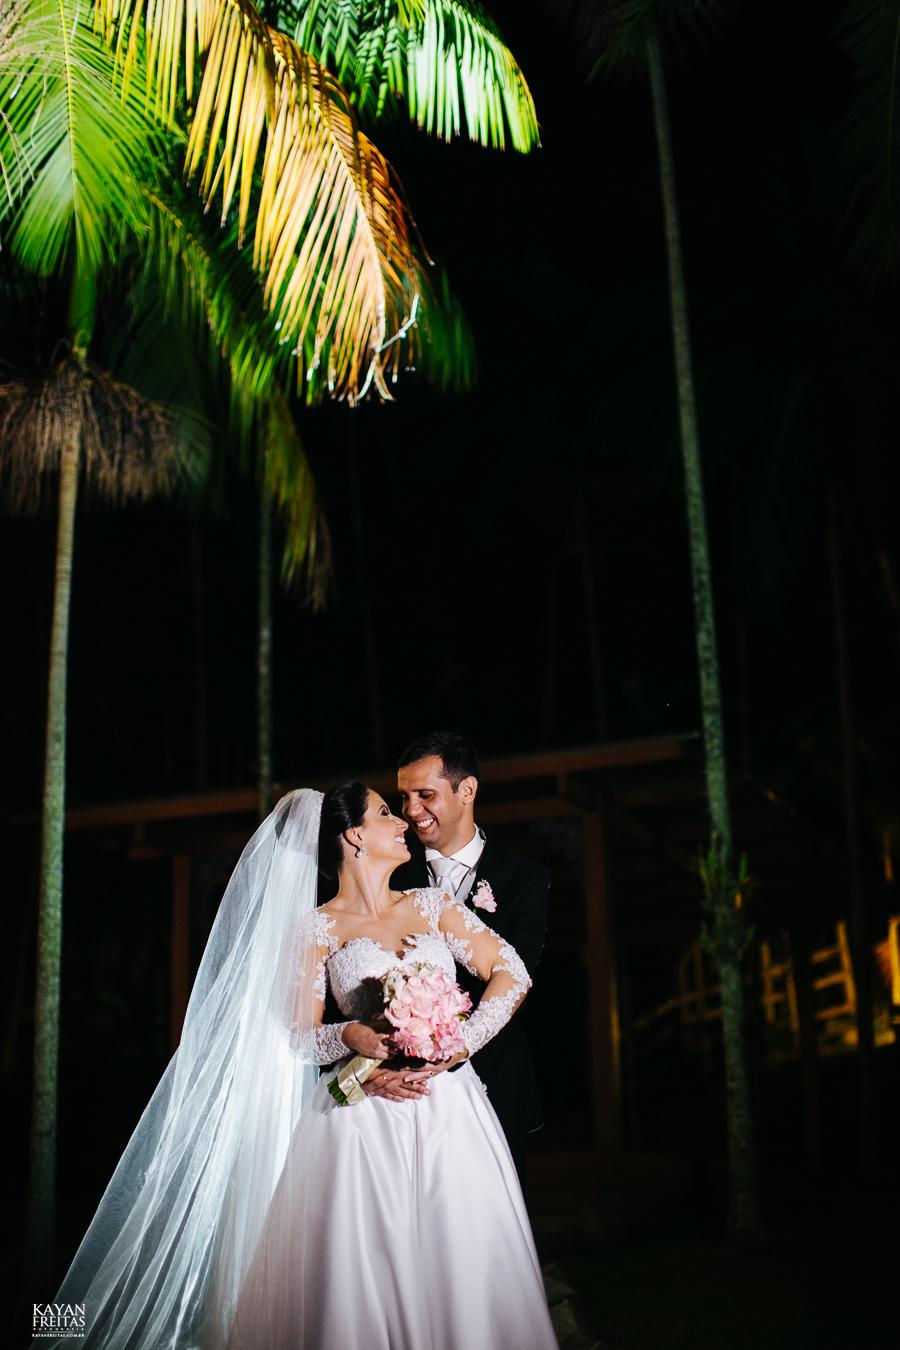 barbara-bruno-casamento-0080 Bárbara e Bruno - Casamento em Florianópolis